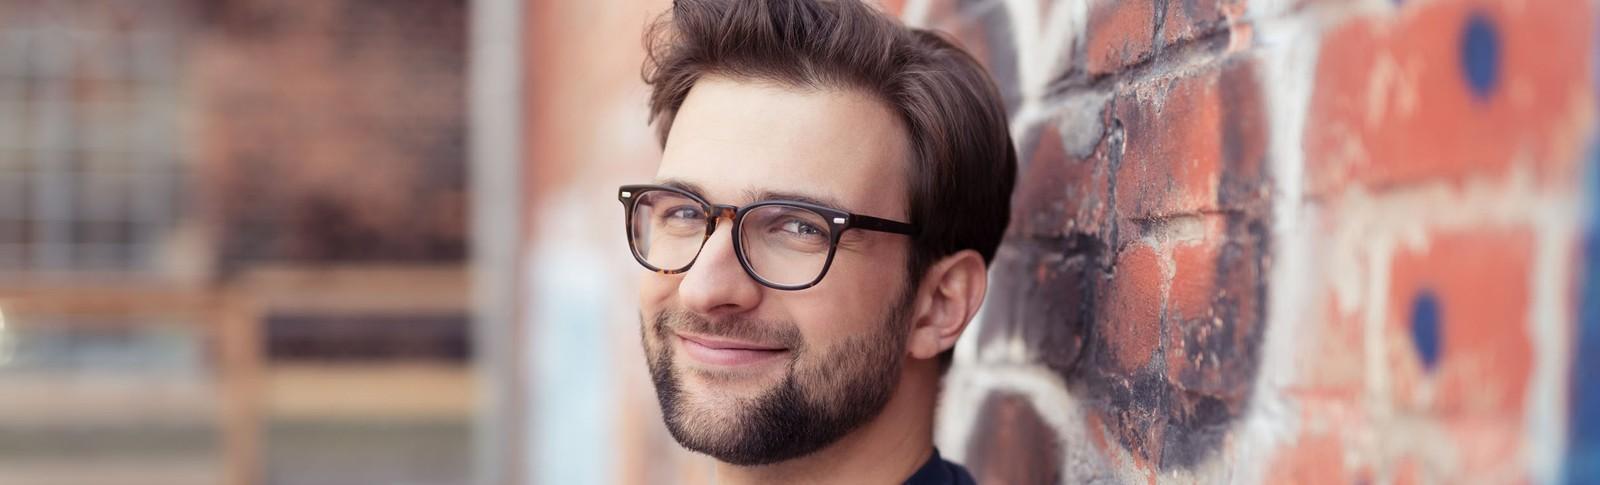 Glücklicher Mann nach Haartransplantation bei Tonsur